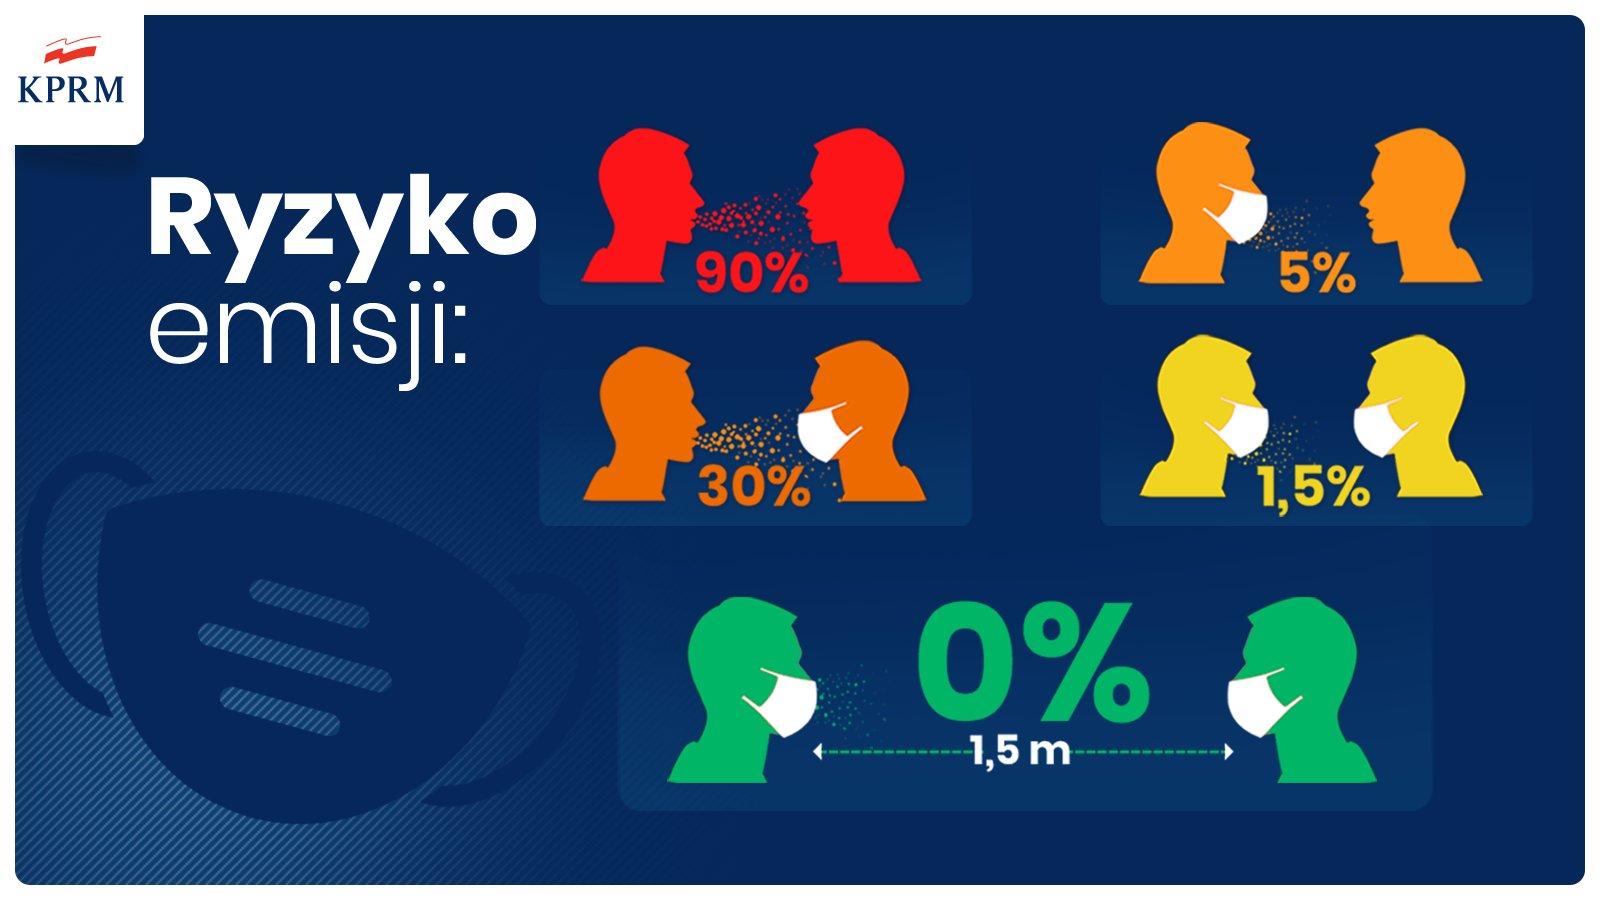 """20201008 190556 <font color=r />Od10października naterenie całej Polski obowiązywać będą obostrzenia jak wstrefie żółtej</font>"""" class=""""wp-image-185836″/></a></figure></div>    <p><strong>  Zasłanianie nosa iust obowiązkowe wszędzie wprzestrzeni publicznej;  zwolnione ztego obowiązku są jedynie osoby, które posiadają  zaświadczenie lekarskie lub dokument, którypotwierdza  niepełnosprawność.</strong></p>    <ol><li><strong>Kongresy itargi wpomieszczeniach zamkniętych mogą się odbywać zograniczeniem: 1osoba na4mkw.</strong></li><li><strong>Wydarzenia sportowe mogą się odbywać zudziałem 25proc. publiczności.</strong></li><li><strong>Wydarzenia kulturalne wpomieszczeniach inaobiektach sportowych mogą odbywać się zudziałem 25proc. publiczności.</strong></li><li><strong>Wydarzenia  kulturalne naotwartej przestrzeni mogą odbywać się podwarunkiem  limitu 100osób, jednak liczba widzów, słuchaczy, zwiedzających lub  uczestników niemoże być większa niż 1osoba na5m2.</strong></li><li><strong>Wrestauracjach iogródkach obowiązuje ograniczenie 1osoba ma 4mkw.</strong></li><li><strong>Nabasenach iwaquaparkach obowiązuje ograniczenie 75proc. obłożenia.</strong></li><li><strong>Wwesołych miasteczkach, parkach rozrywki irekreacji przebywać może niewięcej niż 1osoba na10mkw.</strong></li><li><strong>Wsiłowniach iklubach fitness obowiązuje ograniczenie 1osoba na7mkw.</strong></li><li><strong>Wkinach obowiązuje ograniczenie zapełnienia do25proc. publiczności</strong></li></ol>    <p><strong>Strefa  żółta nieróżni się odzielonej zasadami dotyczącymi m.in.transportu  zbiorowego (obowiązkowe maseczki iograniczenie liczby pasażerów do100  proc. liczby miejsc siedzących albo50proc. liczby wszystkich miejsc  siedzących istojących), udziału wzgromadzeniach (150osób) czy uczestnictwa wwydarzeniach religijnych (zakrywanie ust inosa idystans  1,5m).</strong></p>    <div class="""